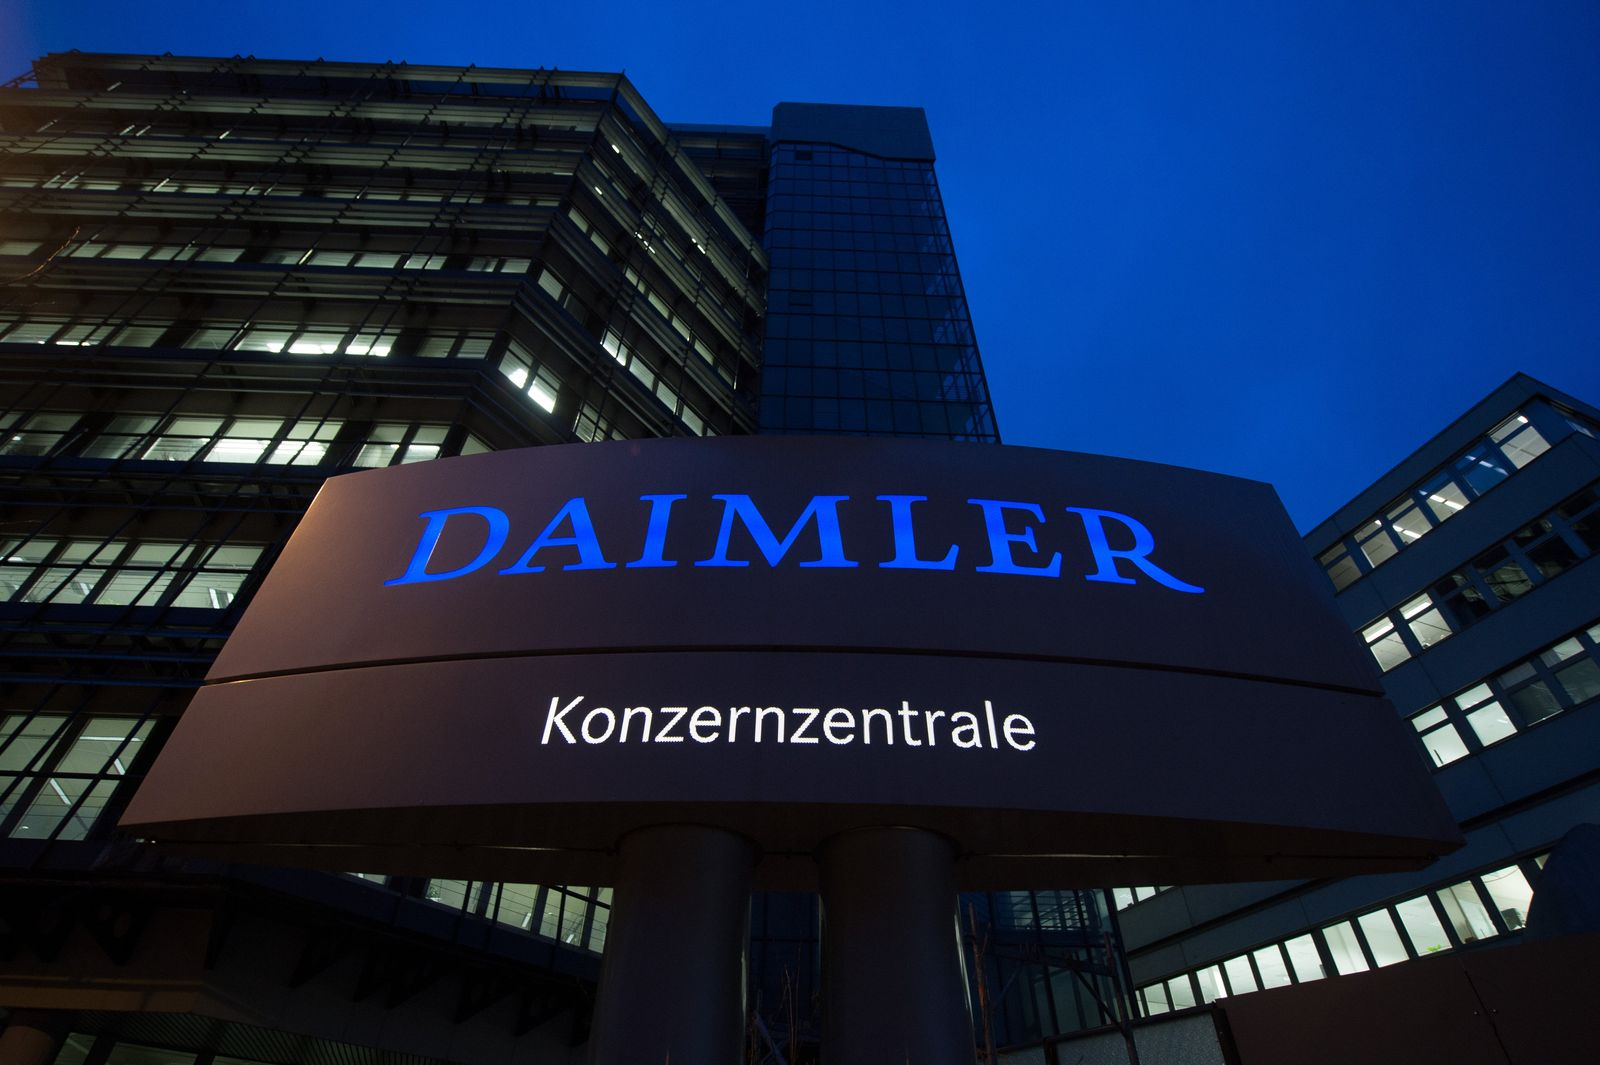 Daimler / Zentrale